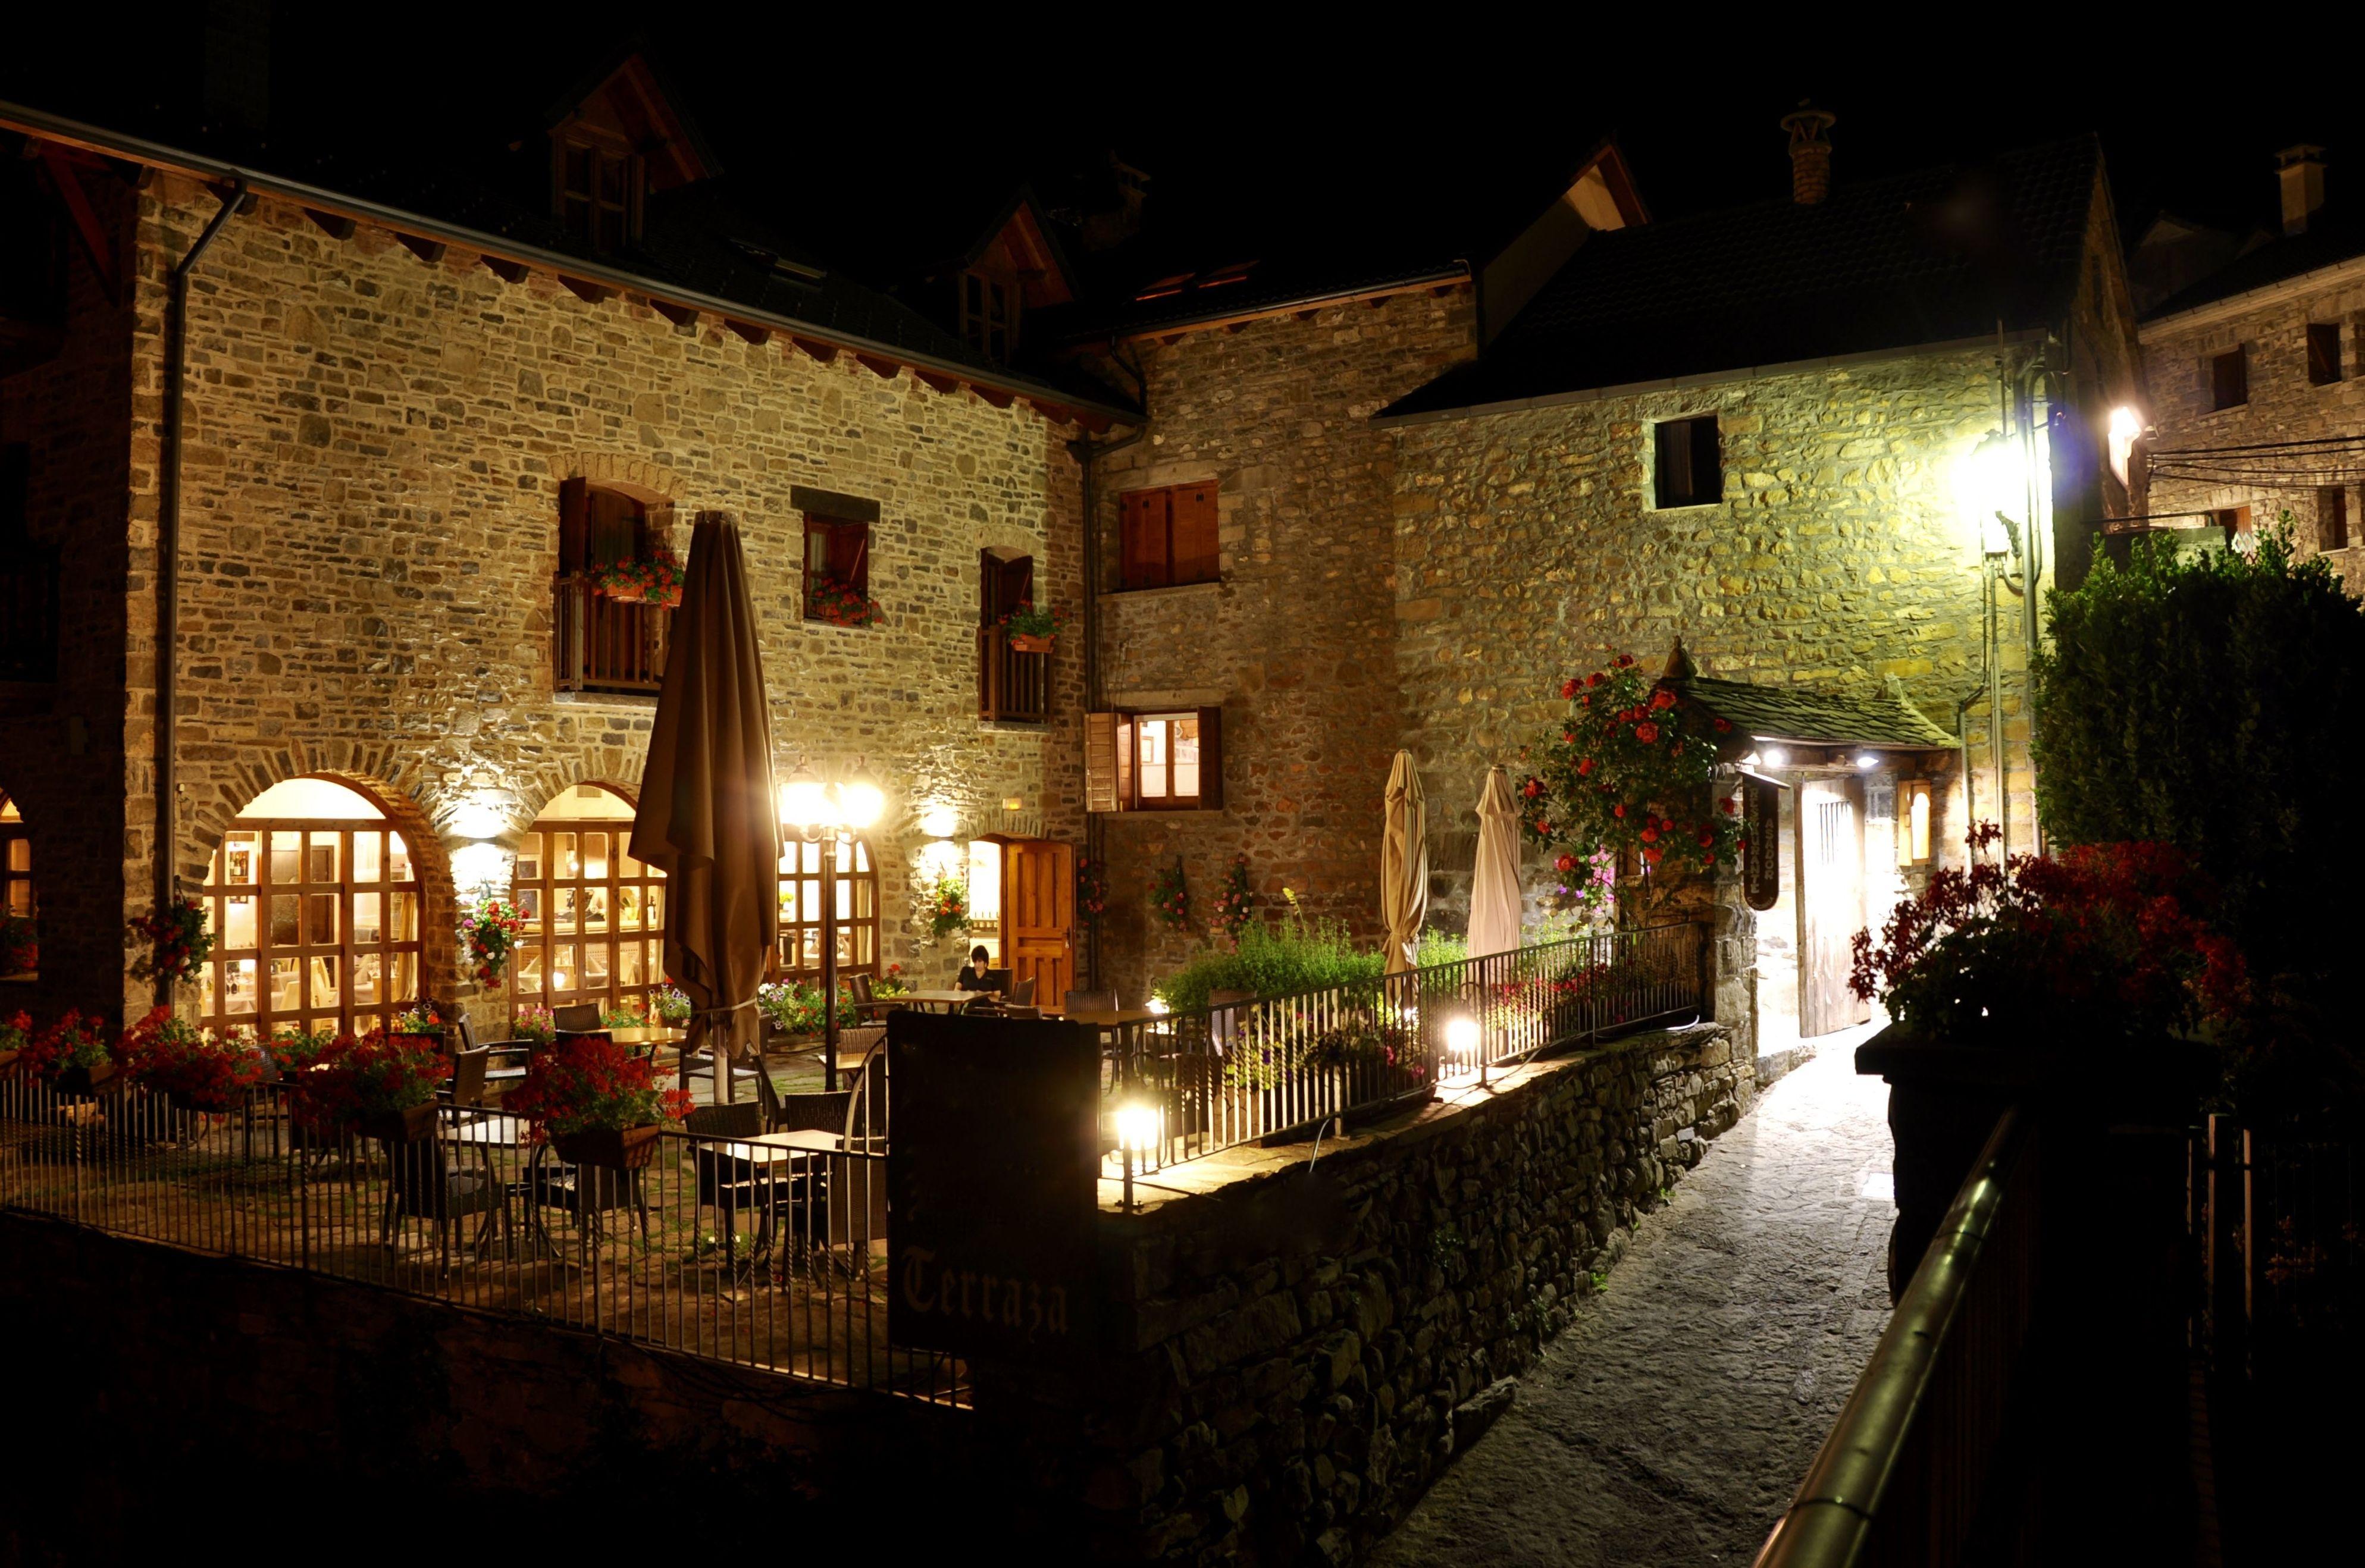 Terraza restaurante La Cocinilla de noche.